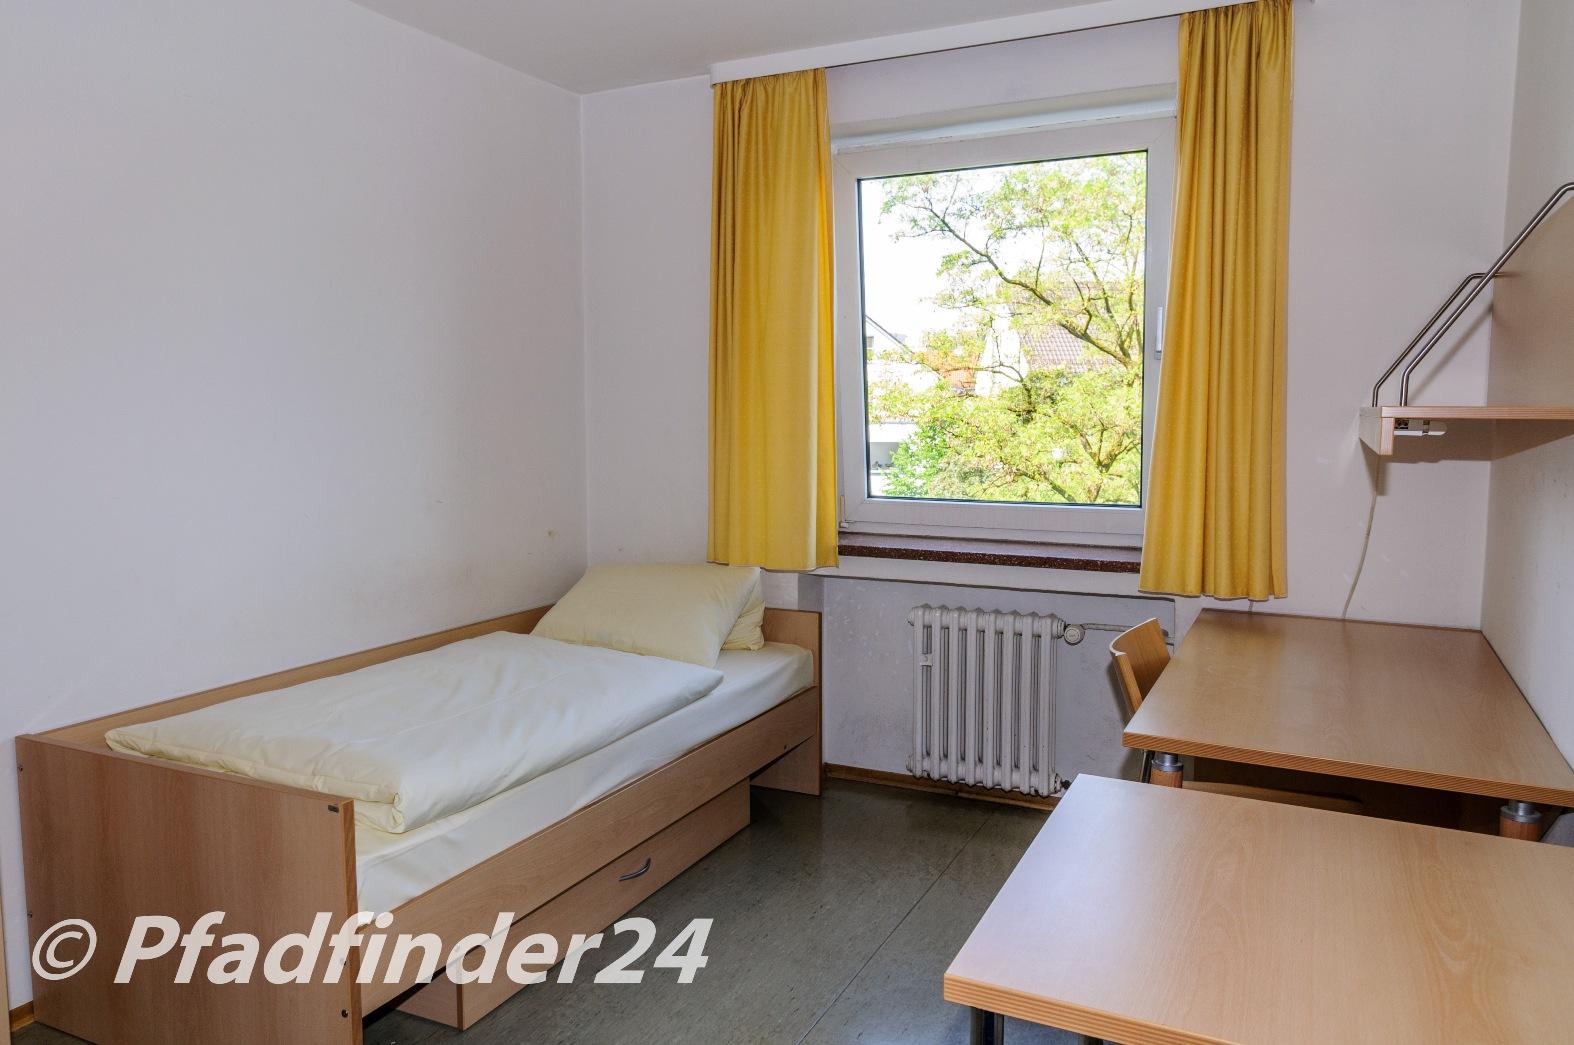 学生寮 シングルルーム